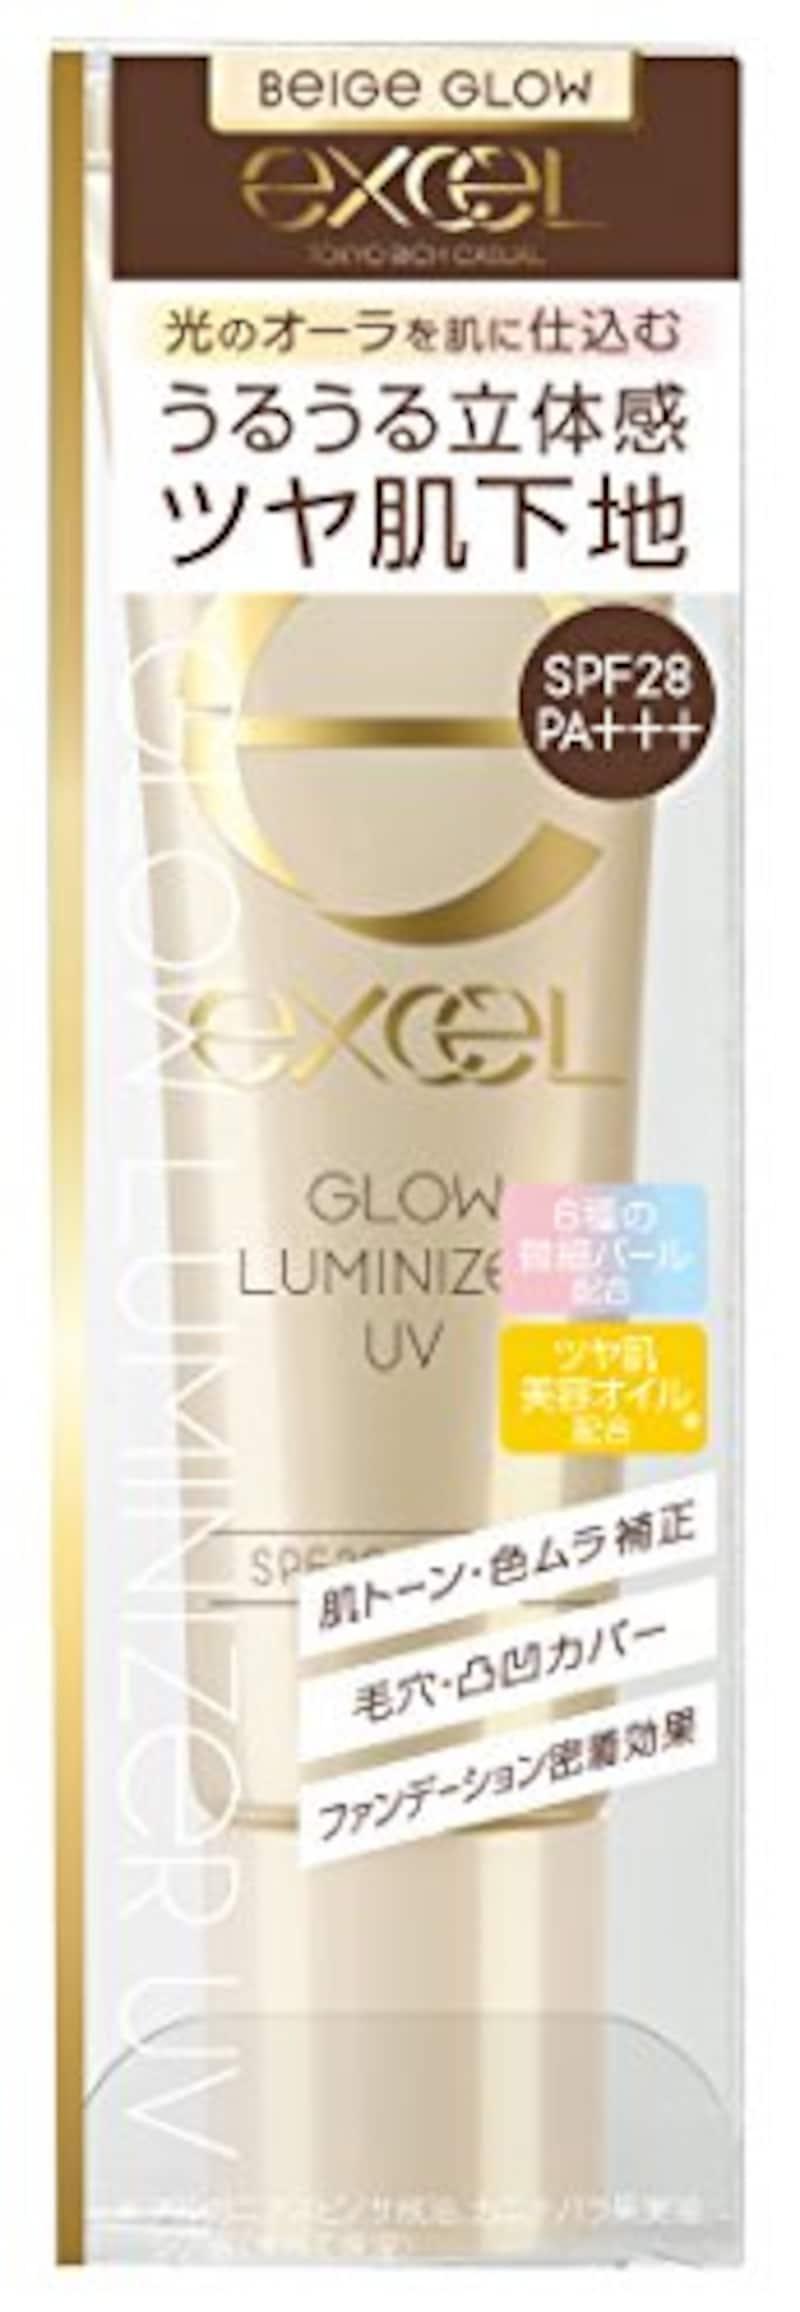 エクセル(excel),グロウルミナイザー UV